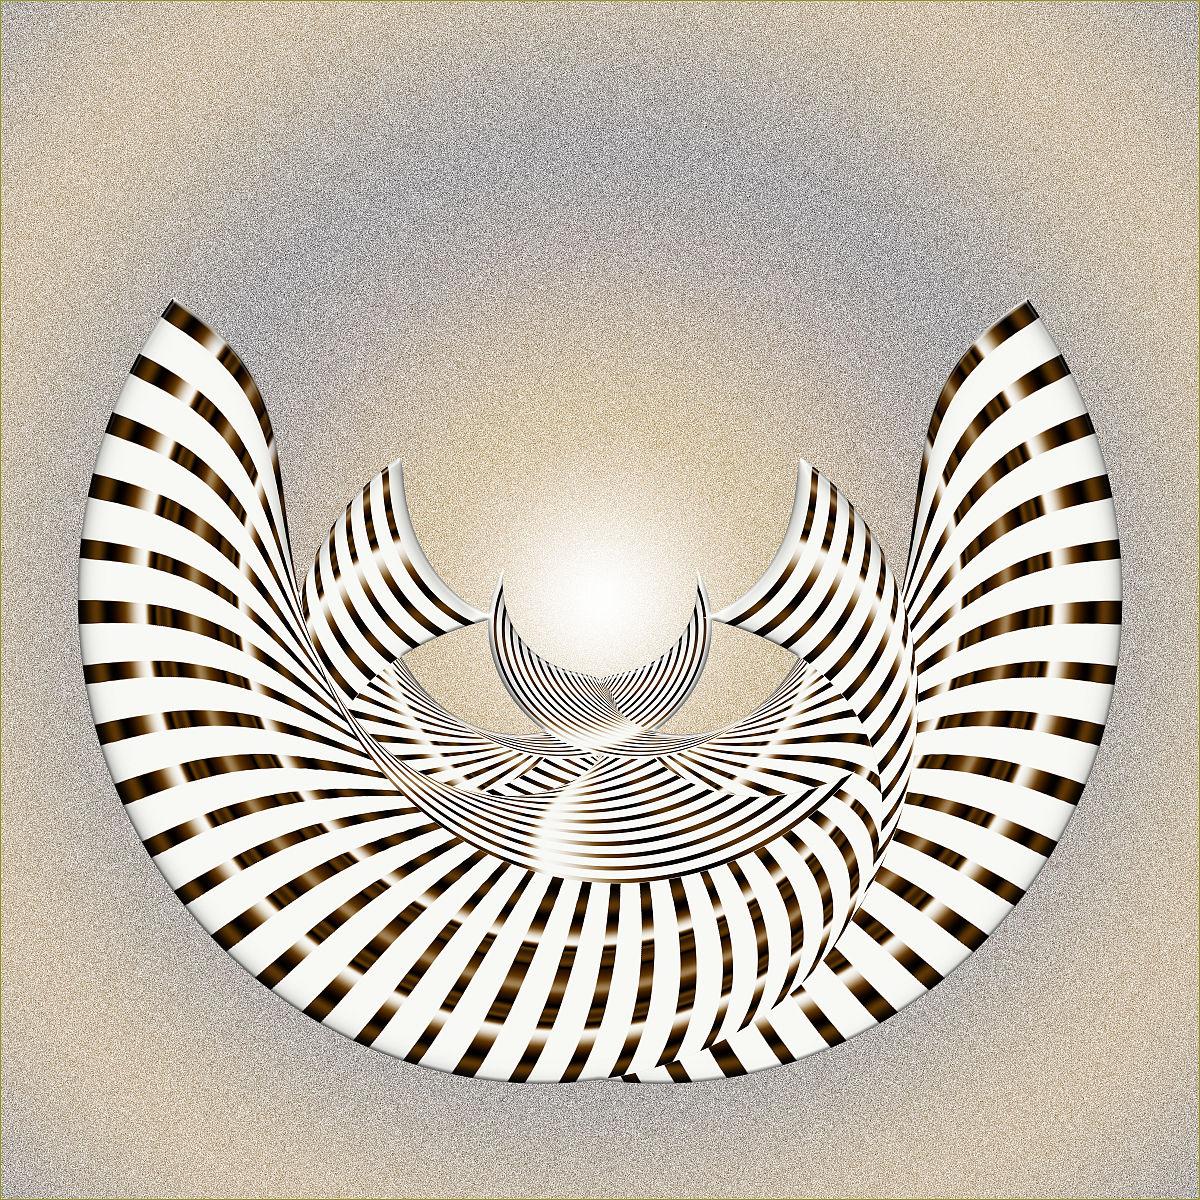 曲面造型创意抽象设计图片